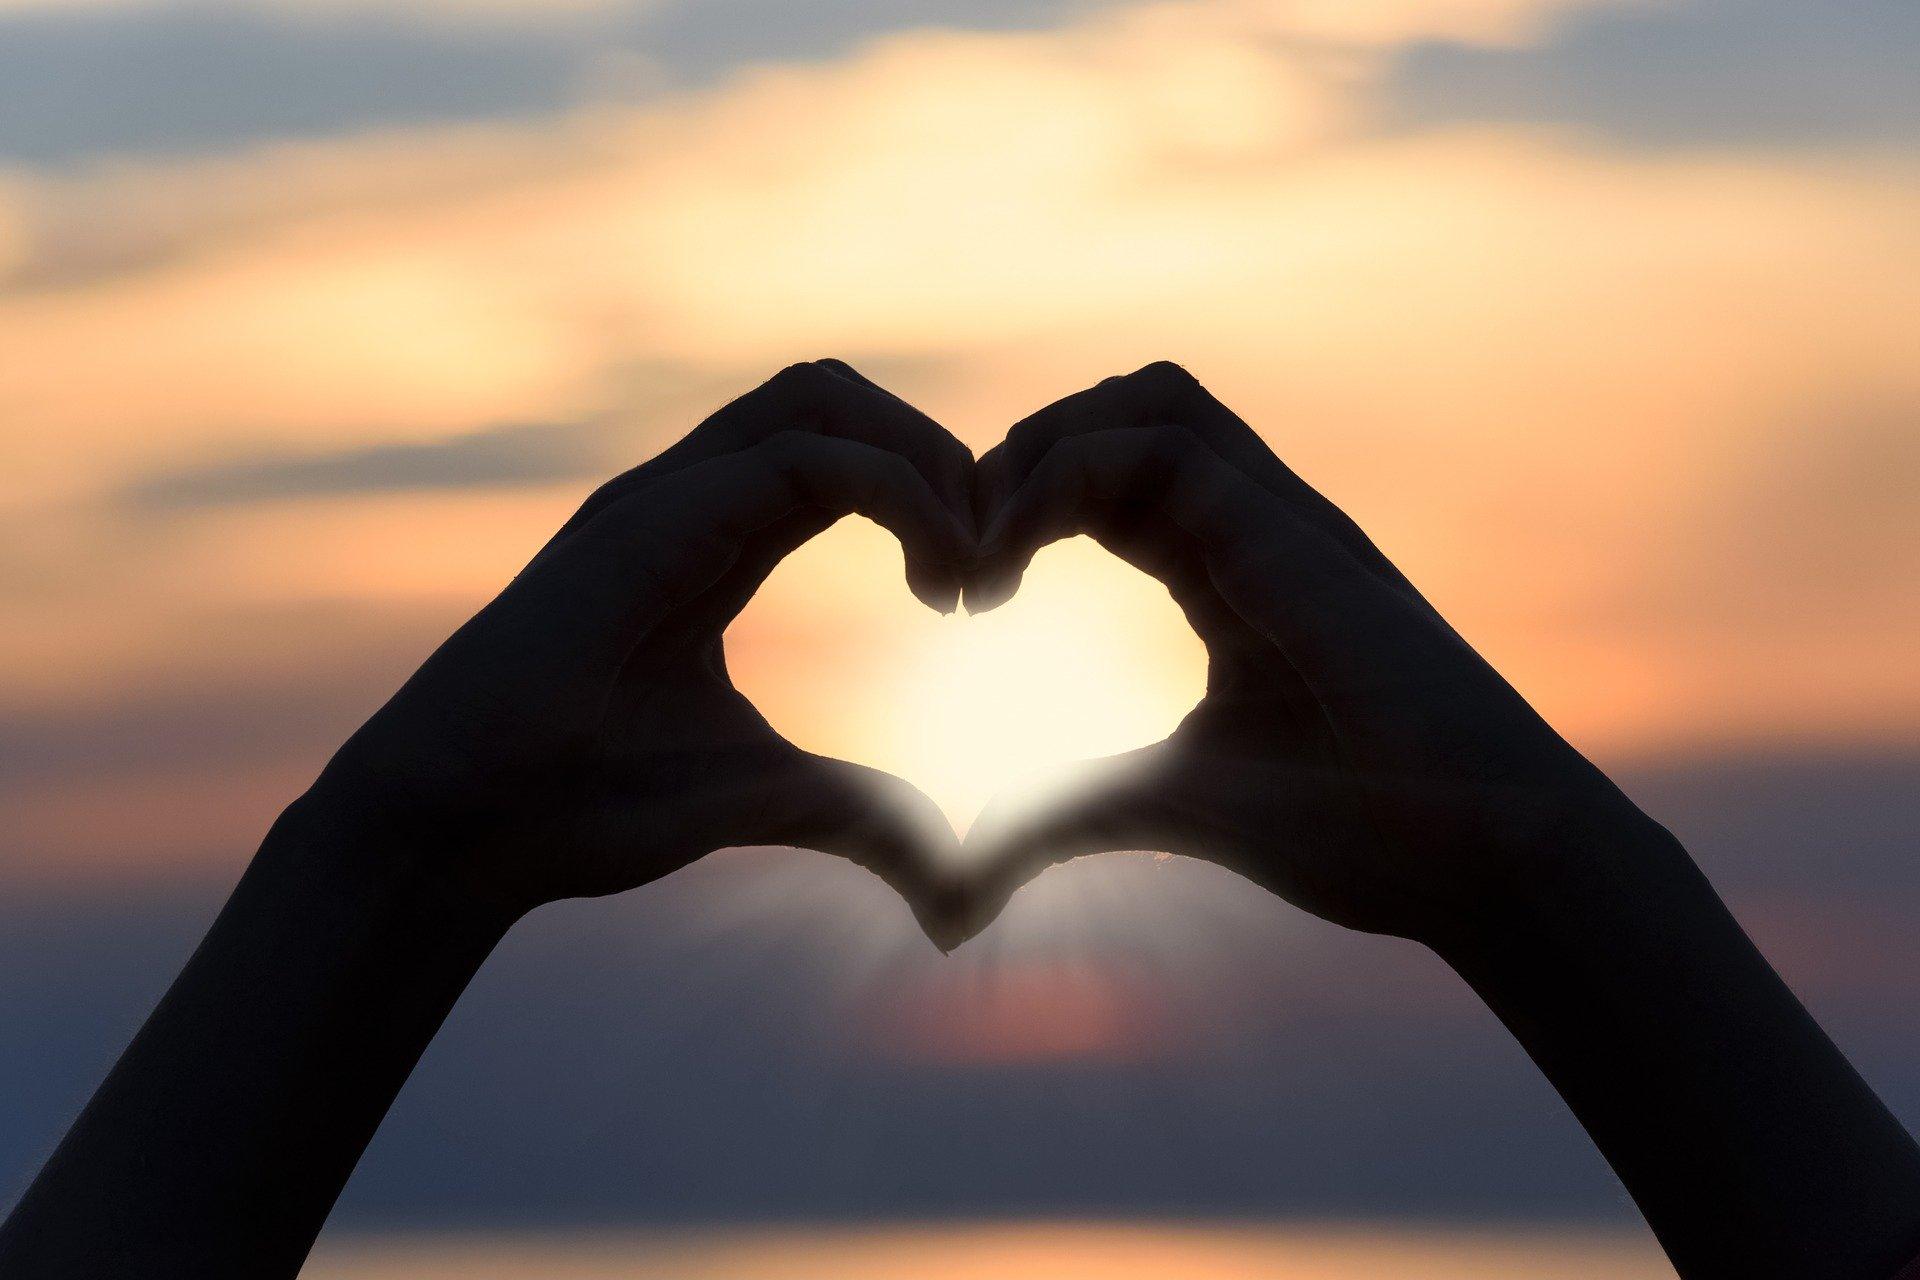 不倫 略奪愛専用 離婚させる強力な待ち受けや相手を惚れさせる